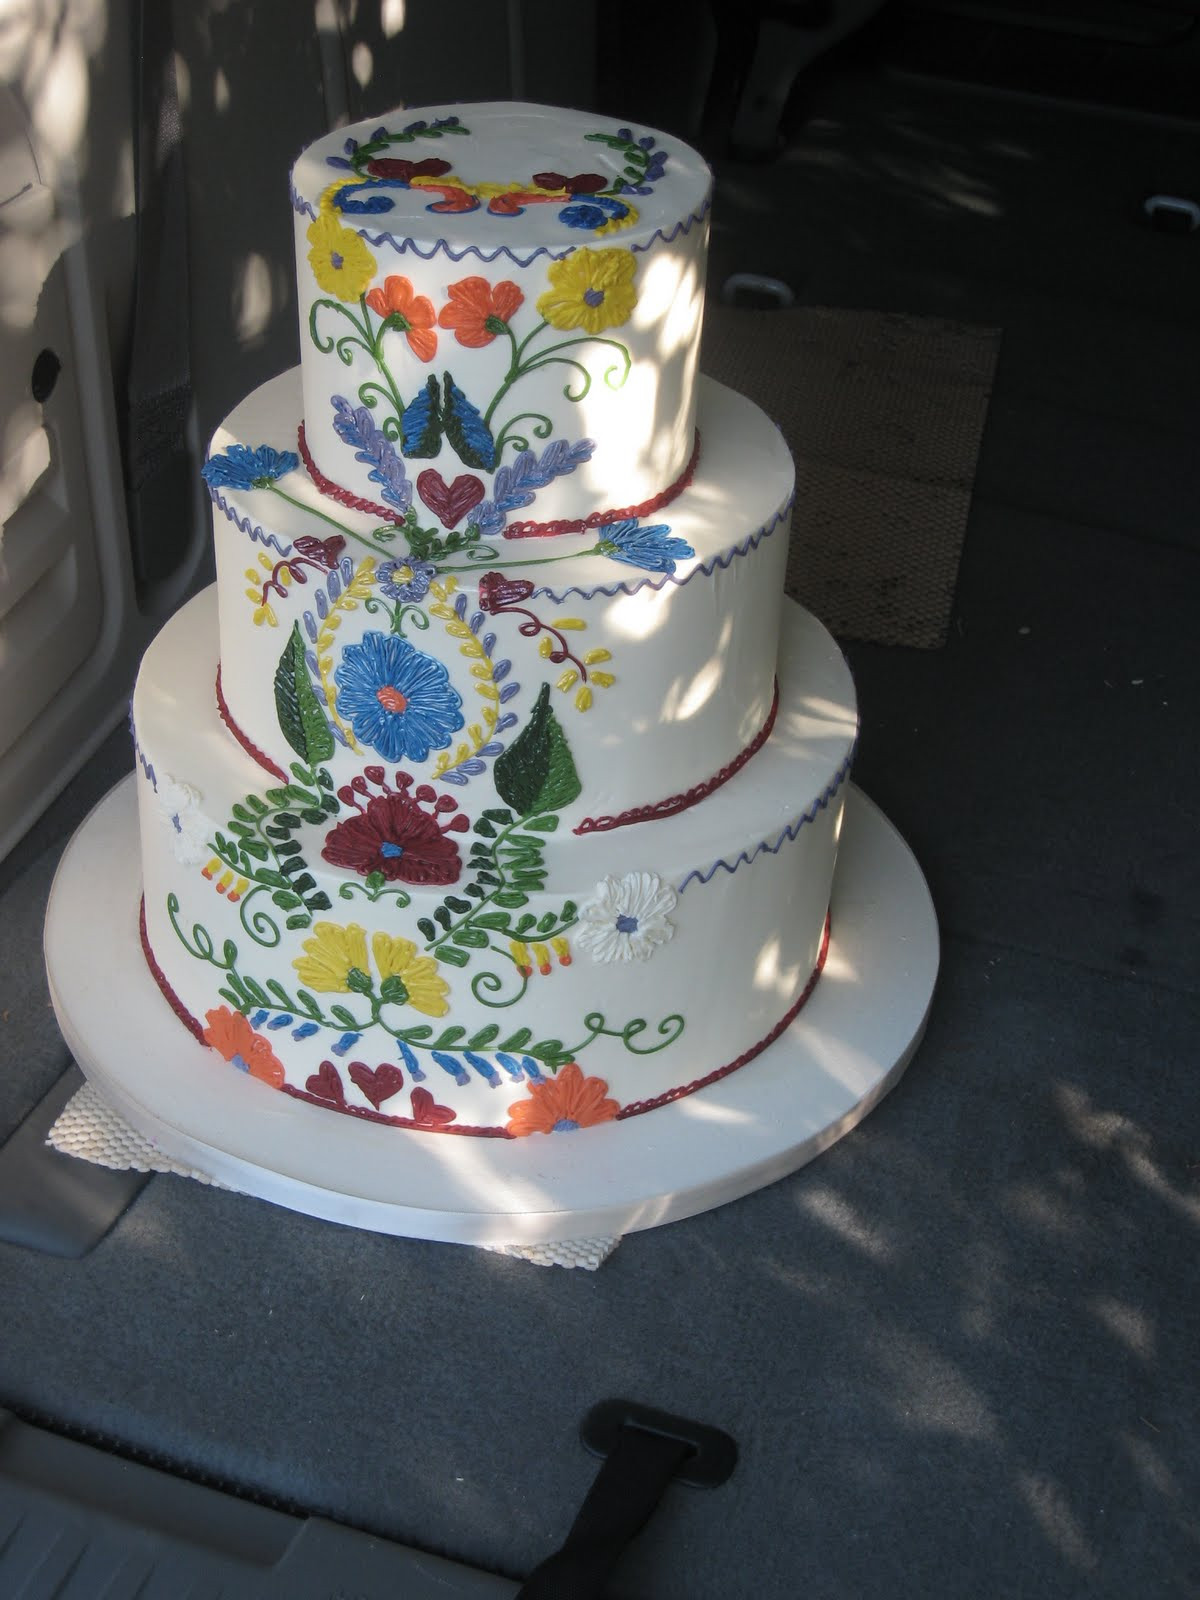 Mexican Wedding Cakes Allrecipes  Mexican Wedding Cakes Wedding Design Ideas